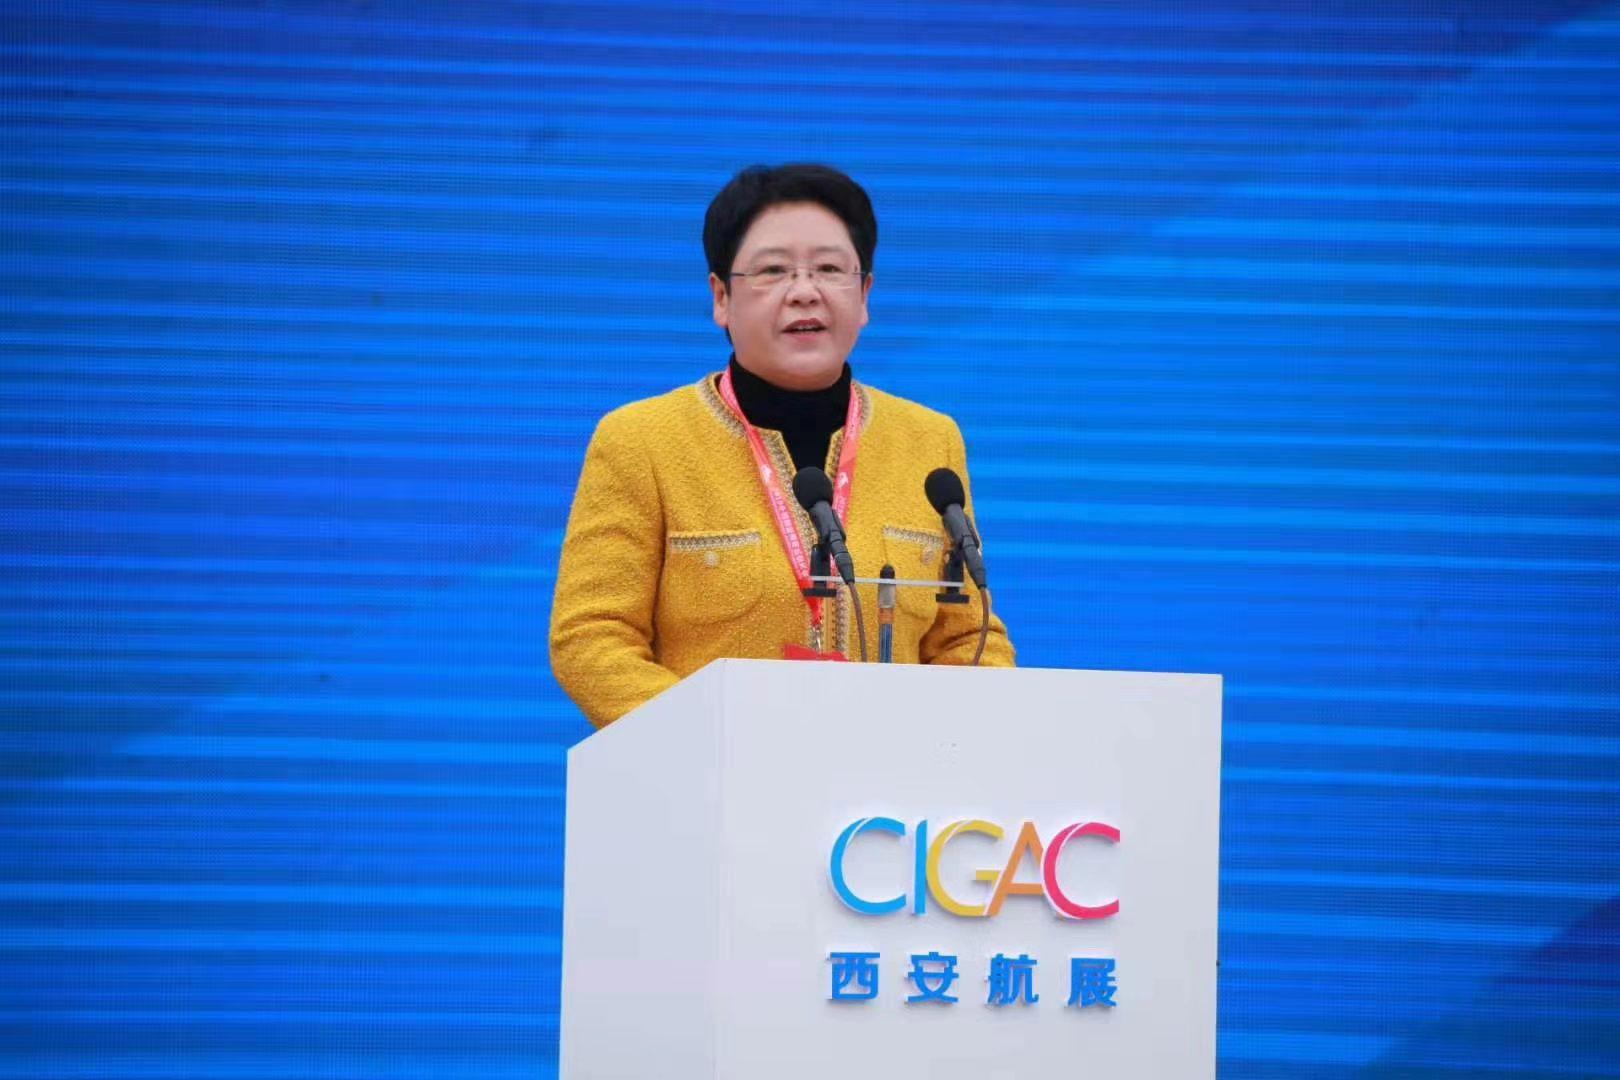 2019中国国际通用航空大会高峰论坛成功举办